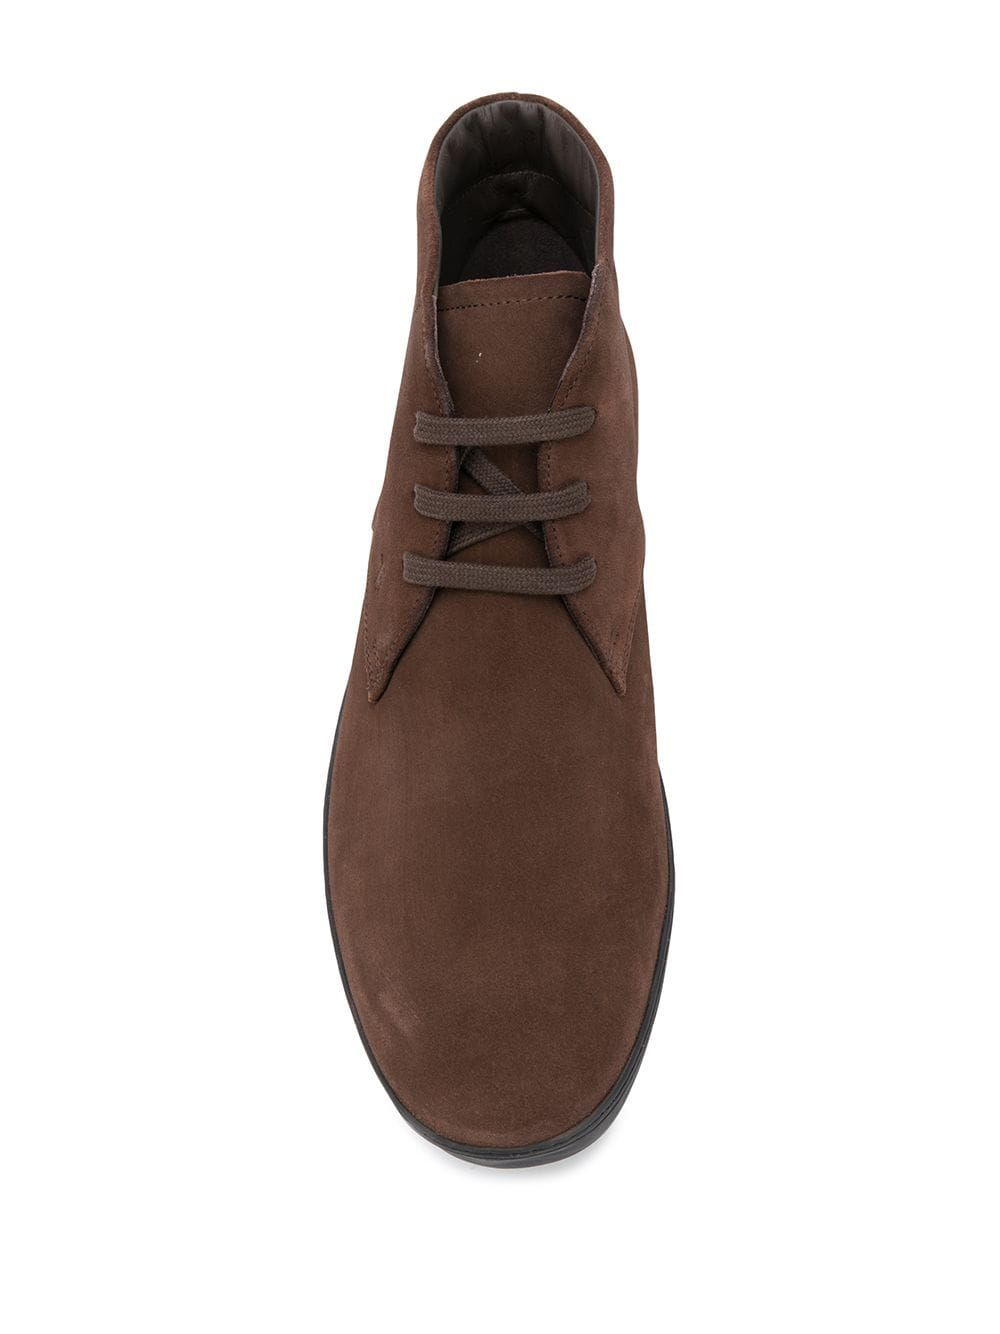 Tod's stivali marrone - Tod'S